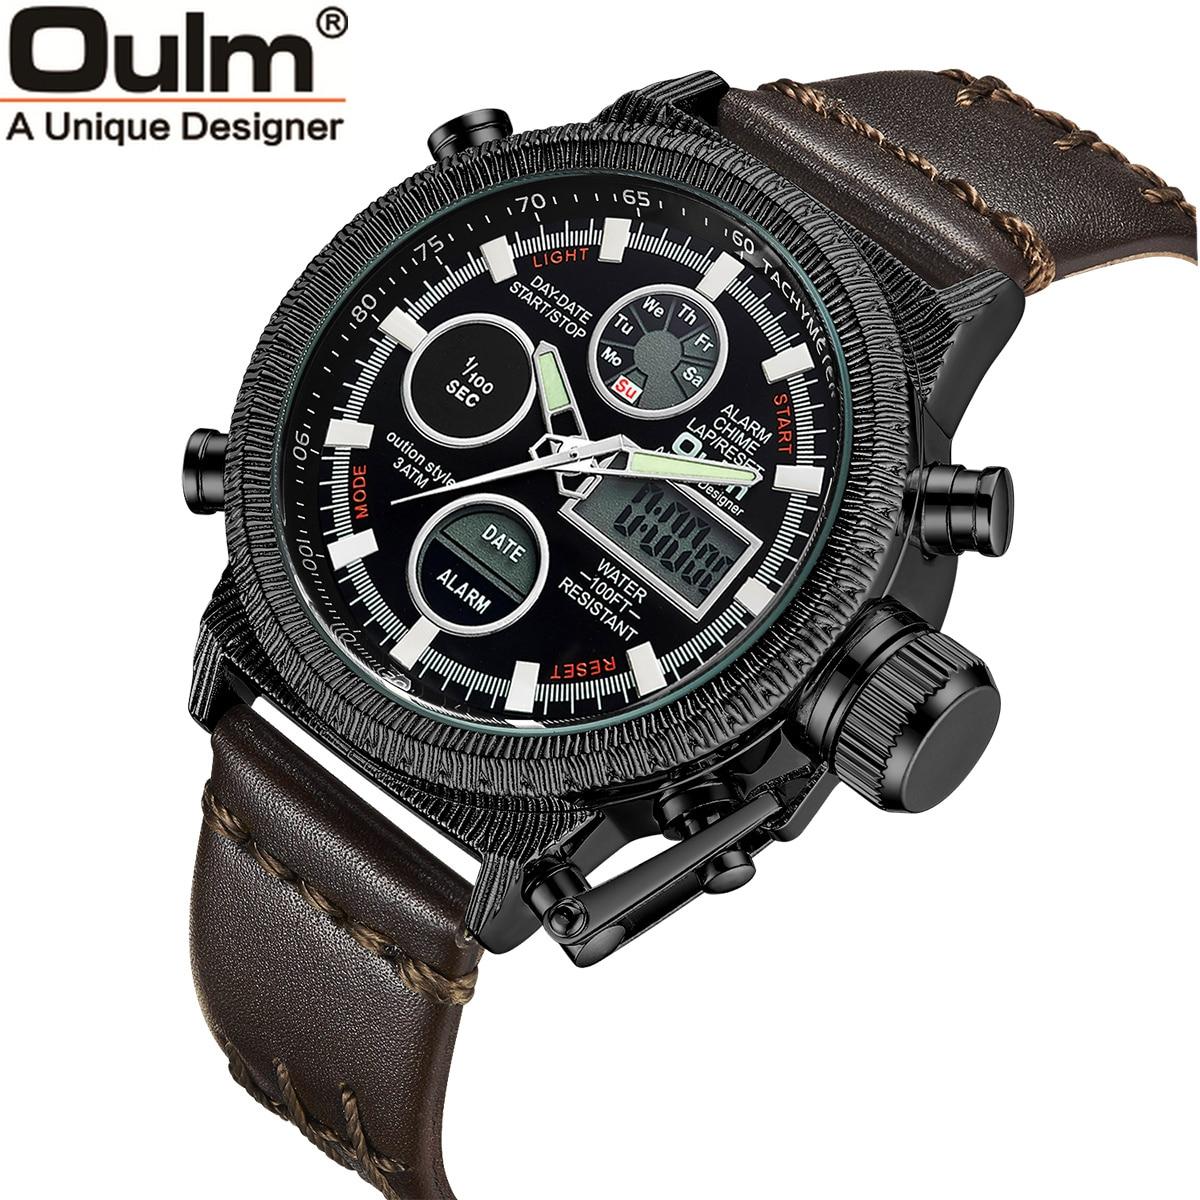 Oulm hommes montres de luxe marque en cuir montre de sport hommes Unique hommes Quartz LED horloge numérique étanche montre-bracelet militaire